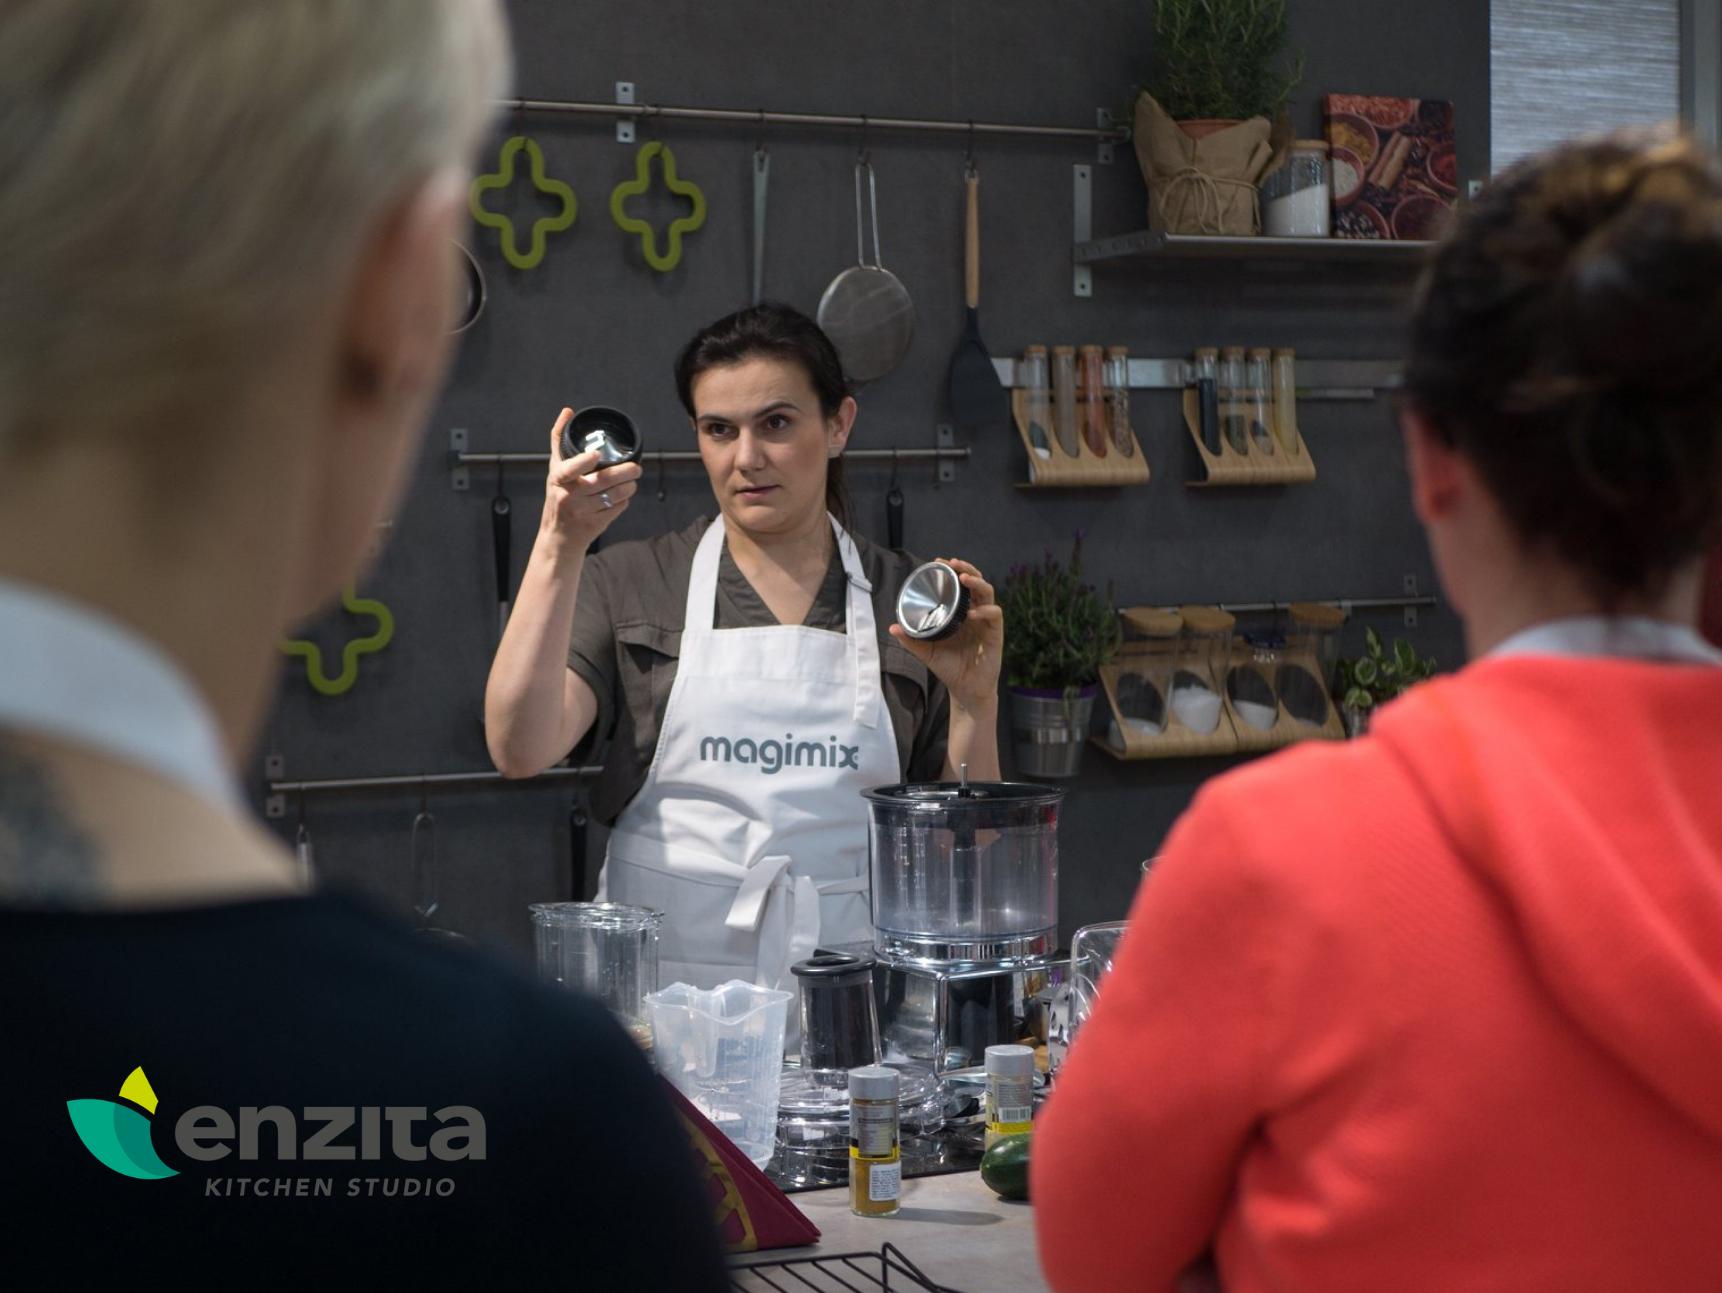 """Enzita Kitchen Studio, Marija Gačić: """"Budite izvrsni, jer to možete!"""""""